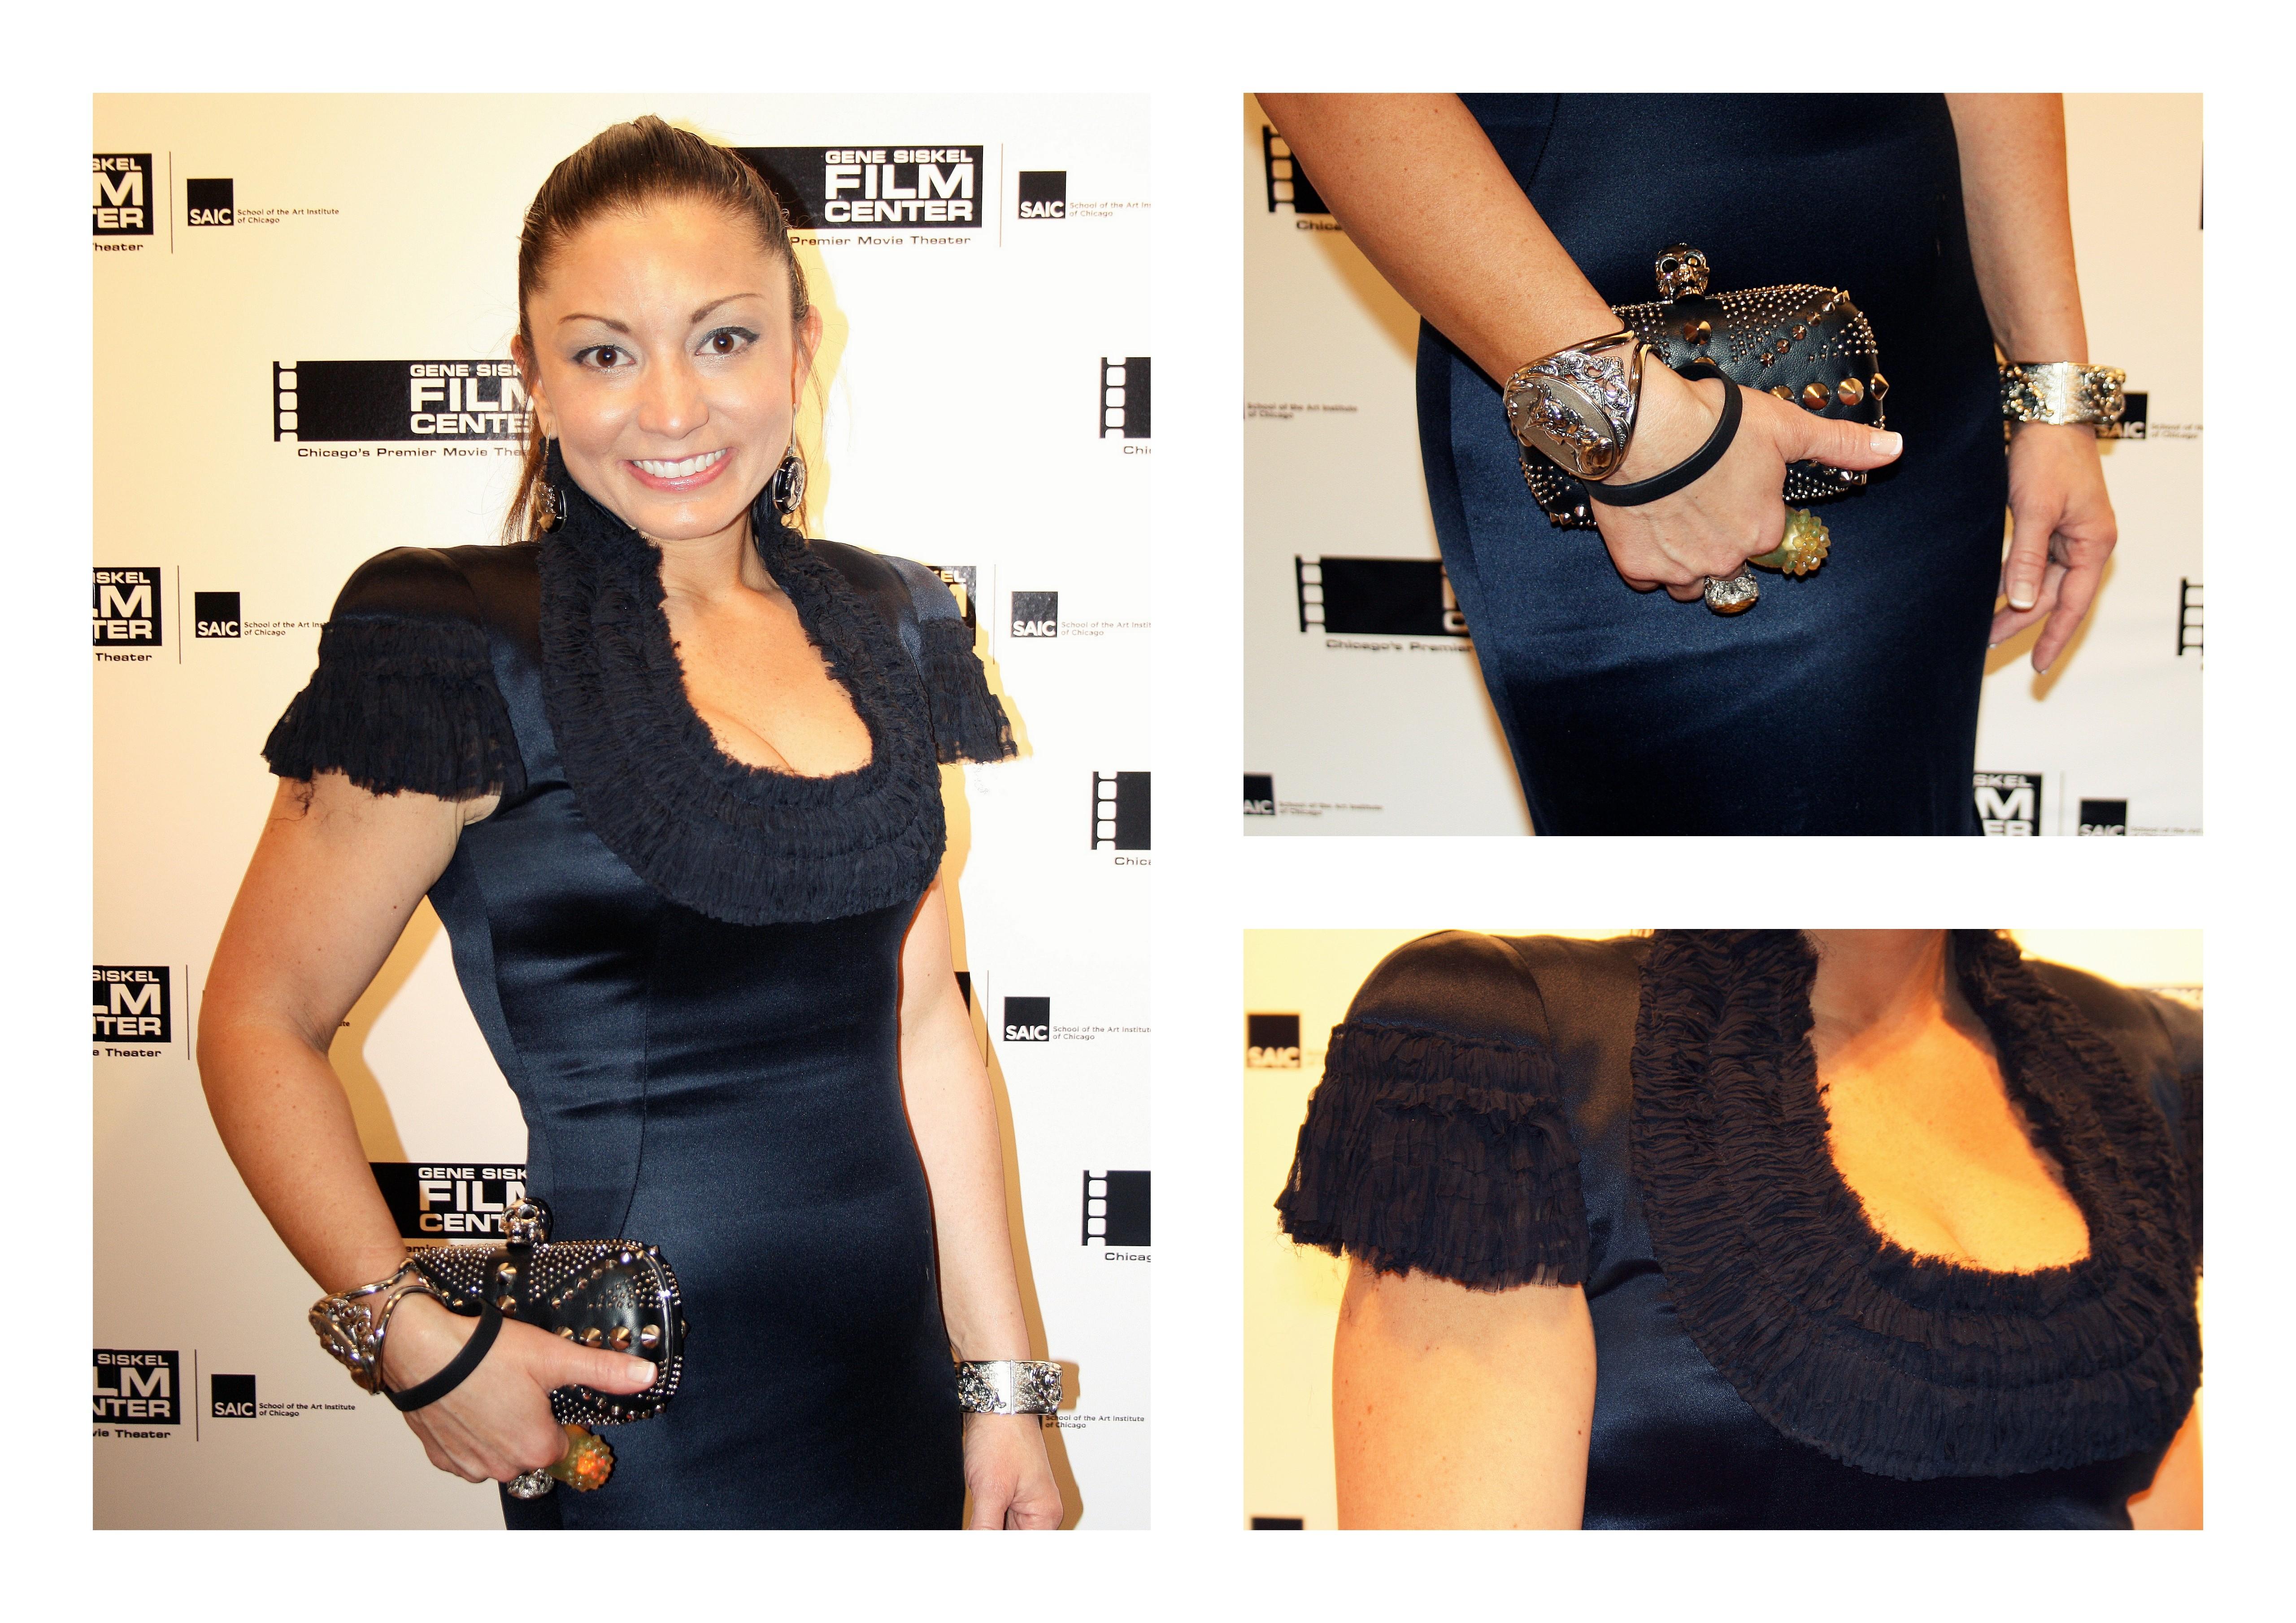 Ms. Genine Shafar in Alexander McQueen Dress & Bag